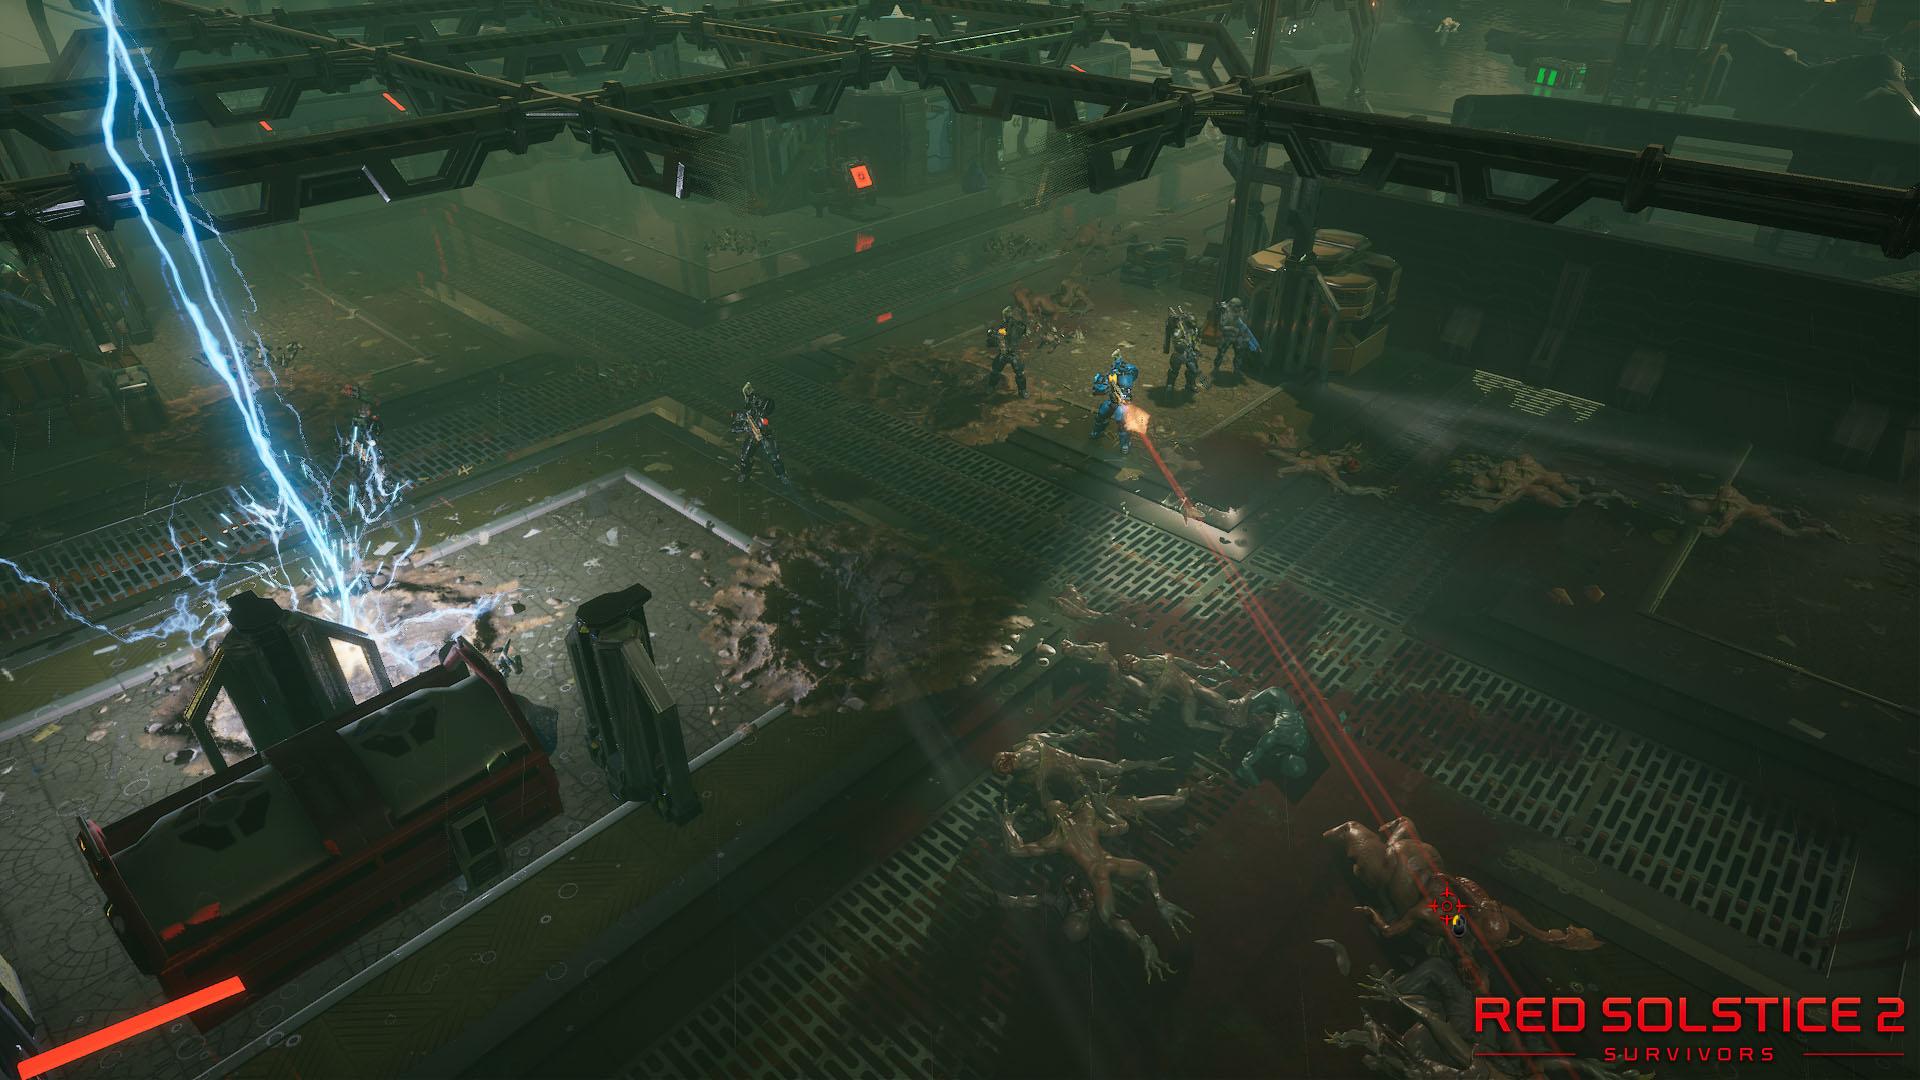 《红至日2:幸存者》现已上线Steam平台